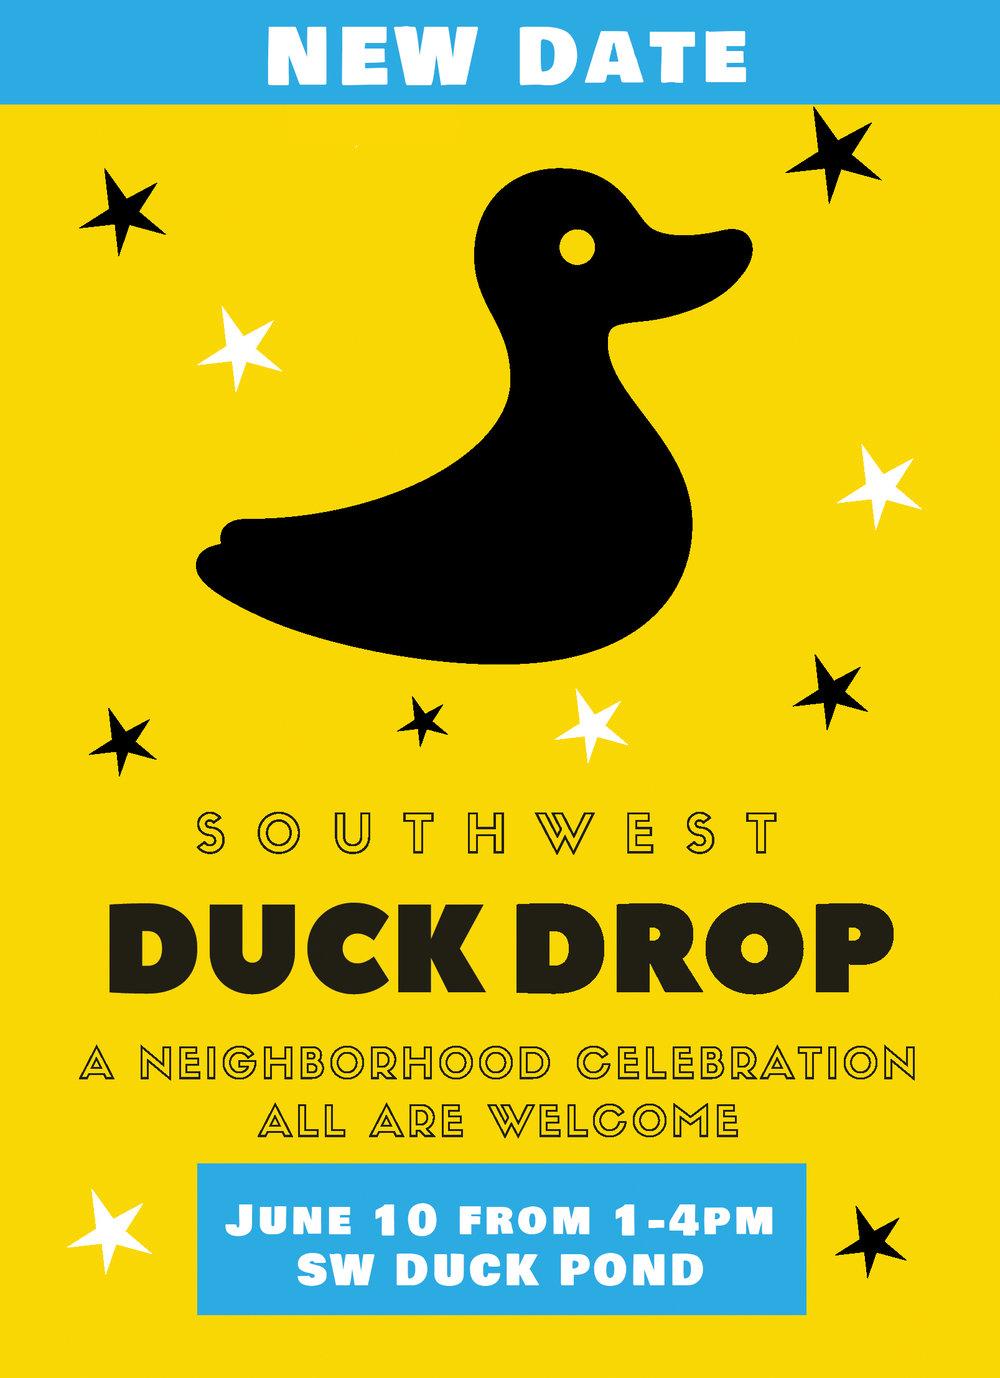 Duck Drop 2018-DUCK YEAH new date 3.jpg